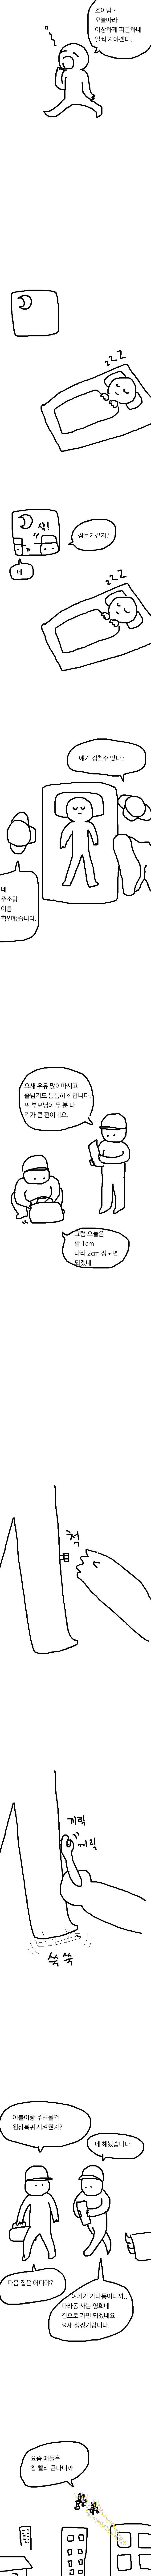 f32f62900f3180296b28d5bbece8b723.png